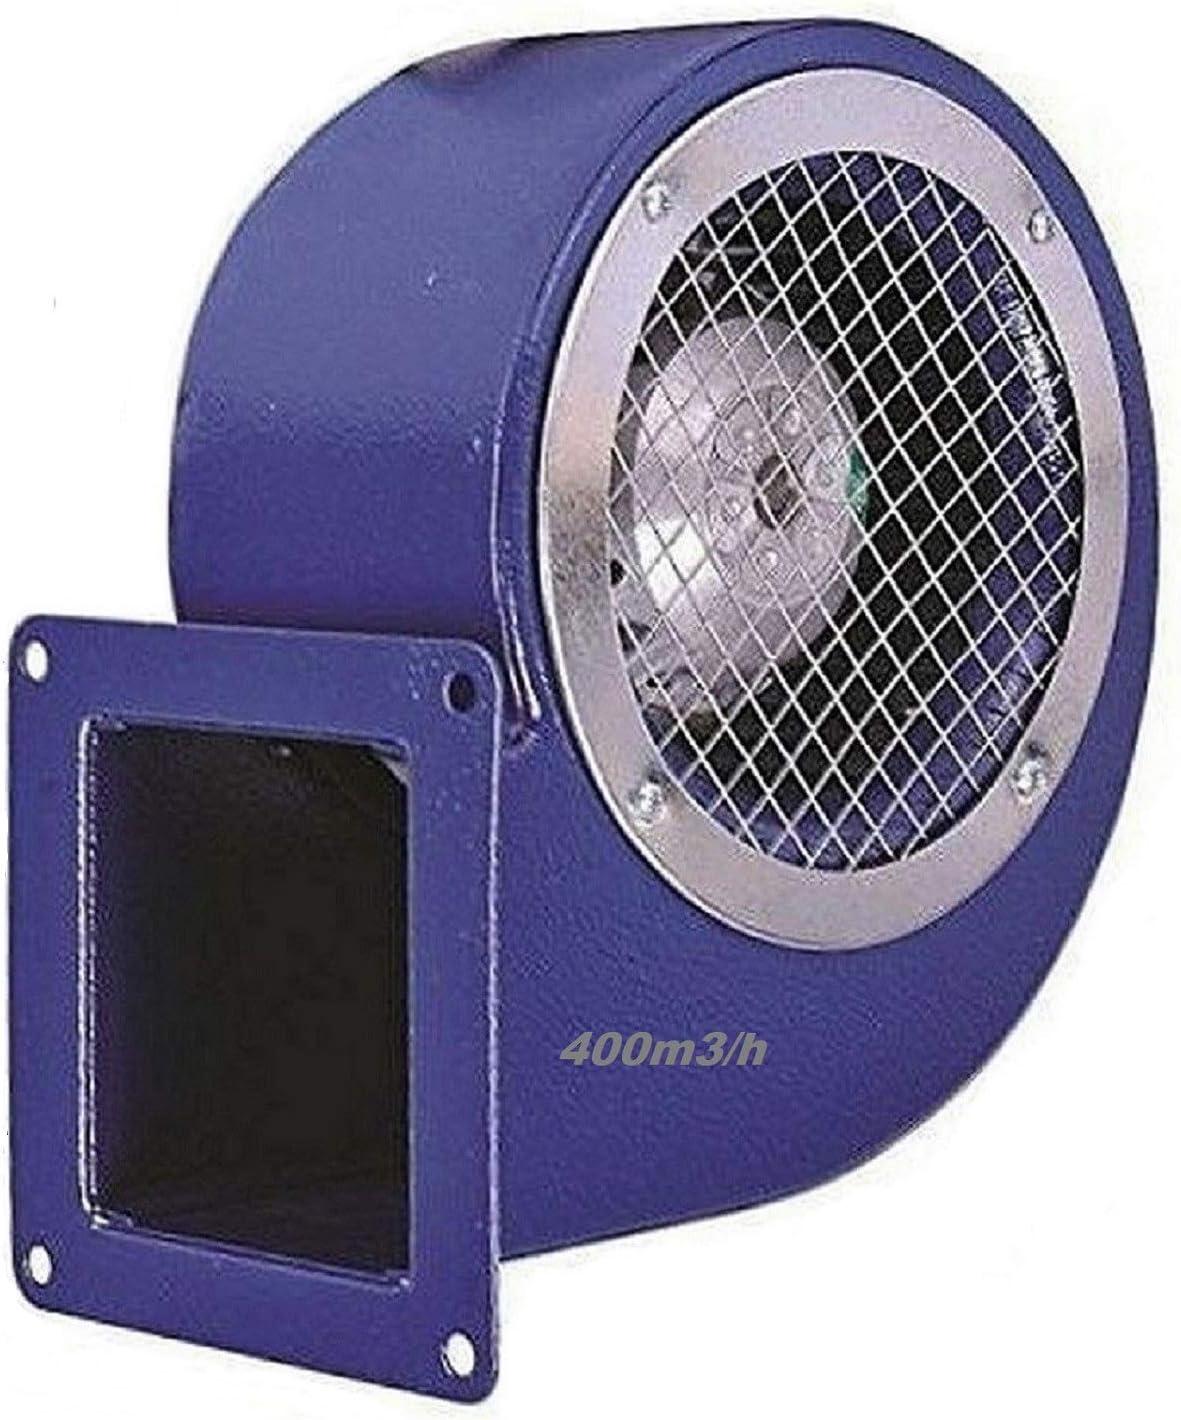 BDRS 120-60 Industrial Radial Radiales Ventilador Ventilación extractor Ventiladores Centrifugo Centrifuge ventilador Fan Fans